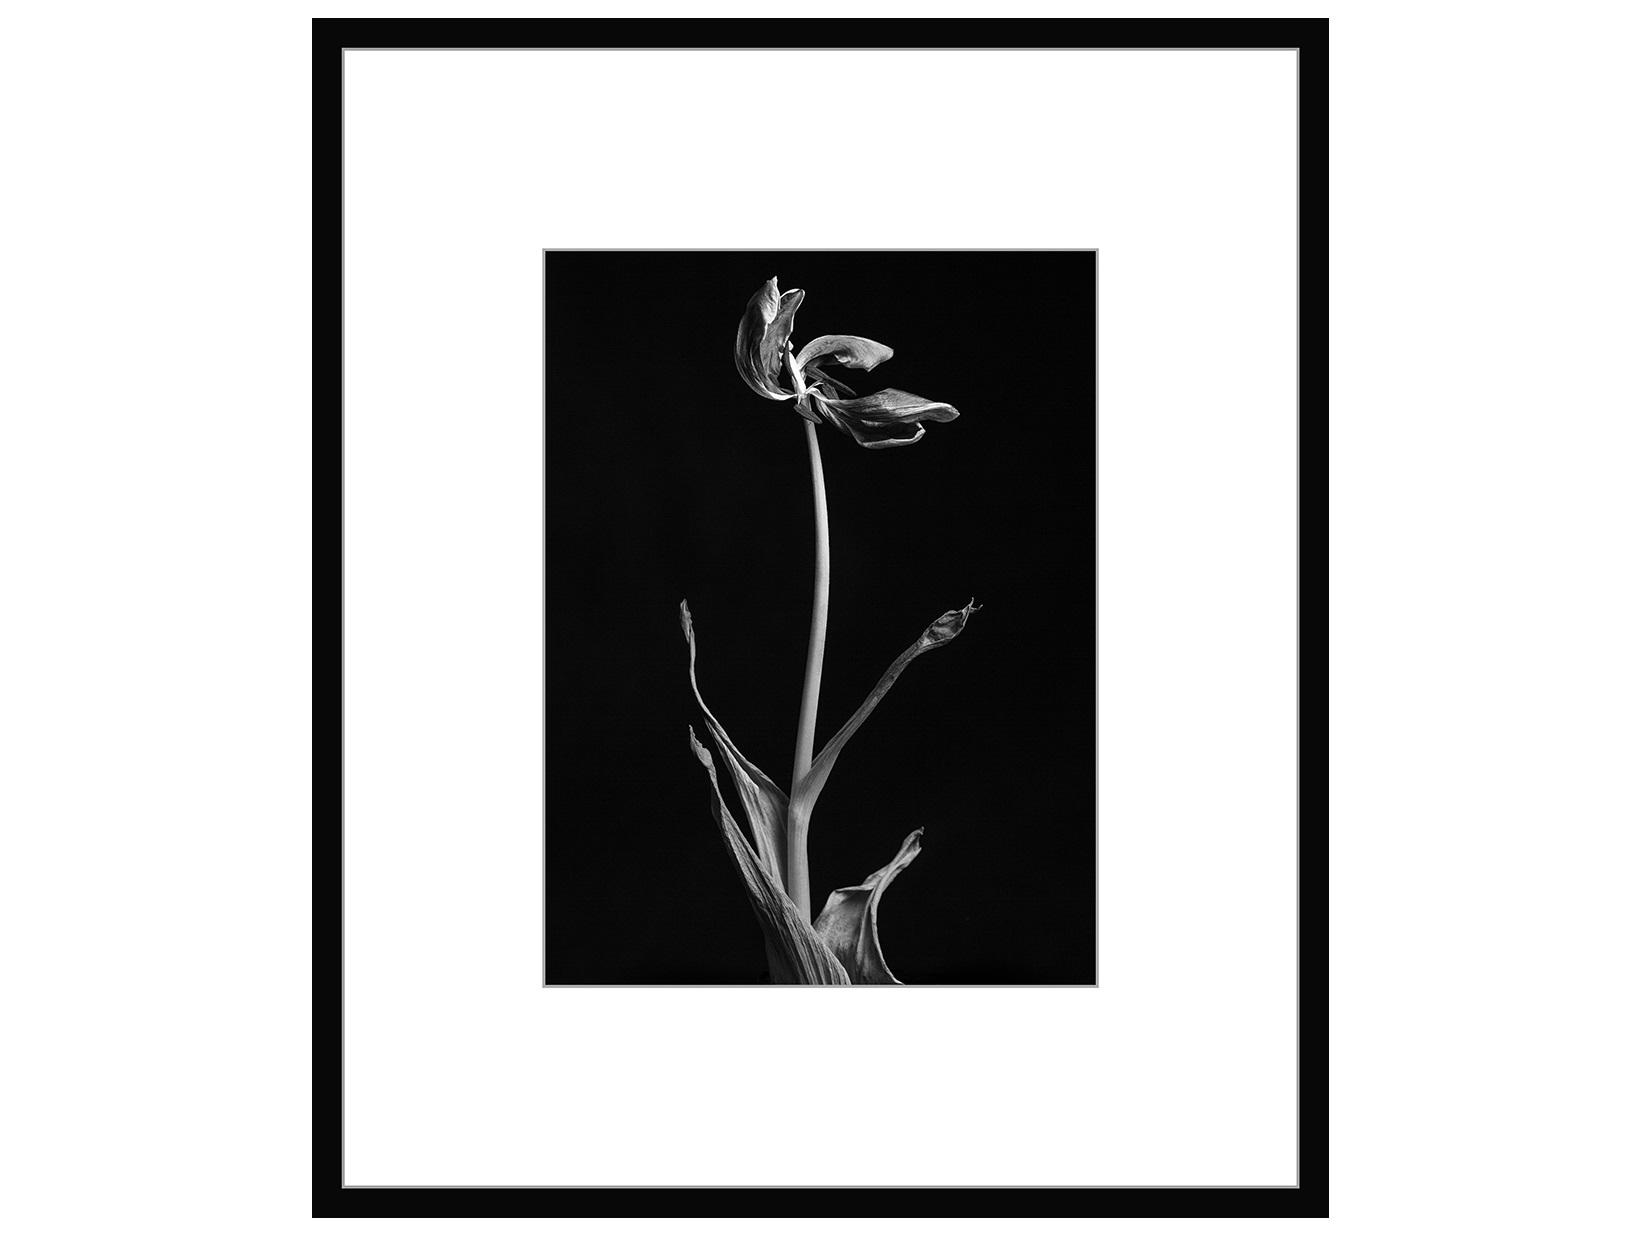 Авторская арт-фотография dead tulip #2 (george rouchin photography) черный 75x90 см. фото